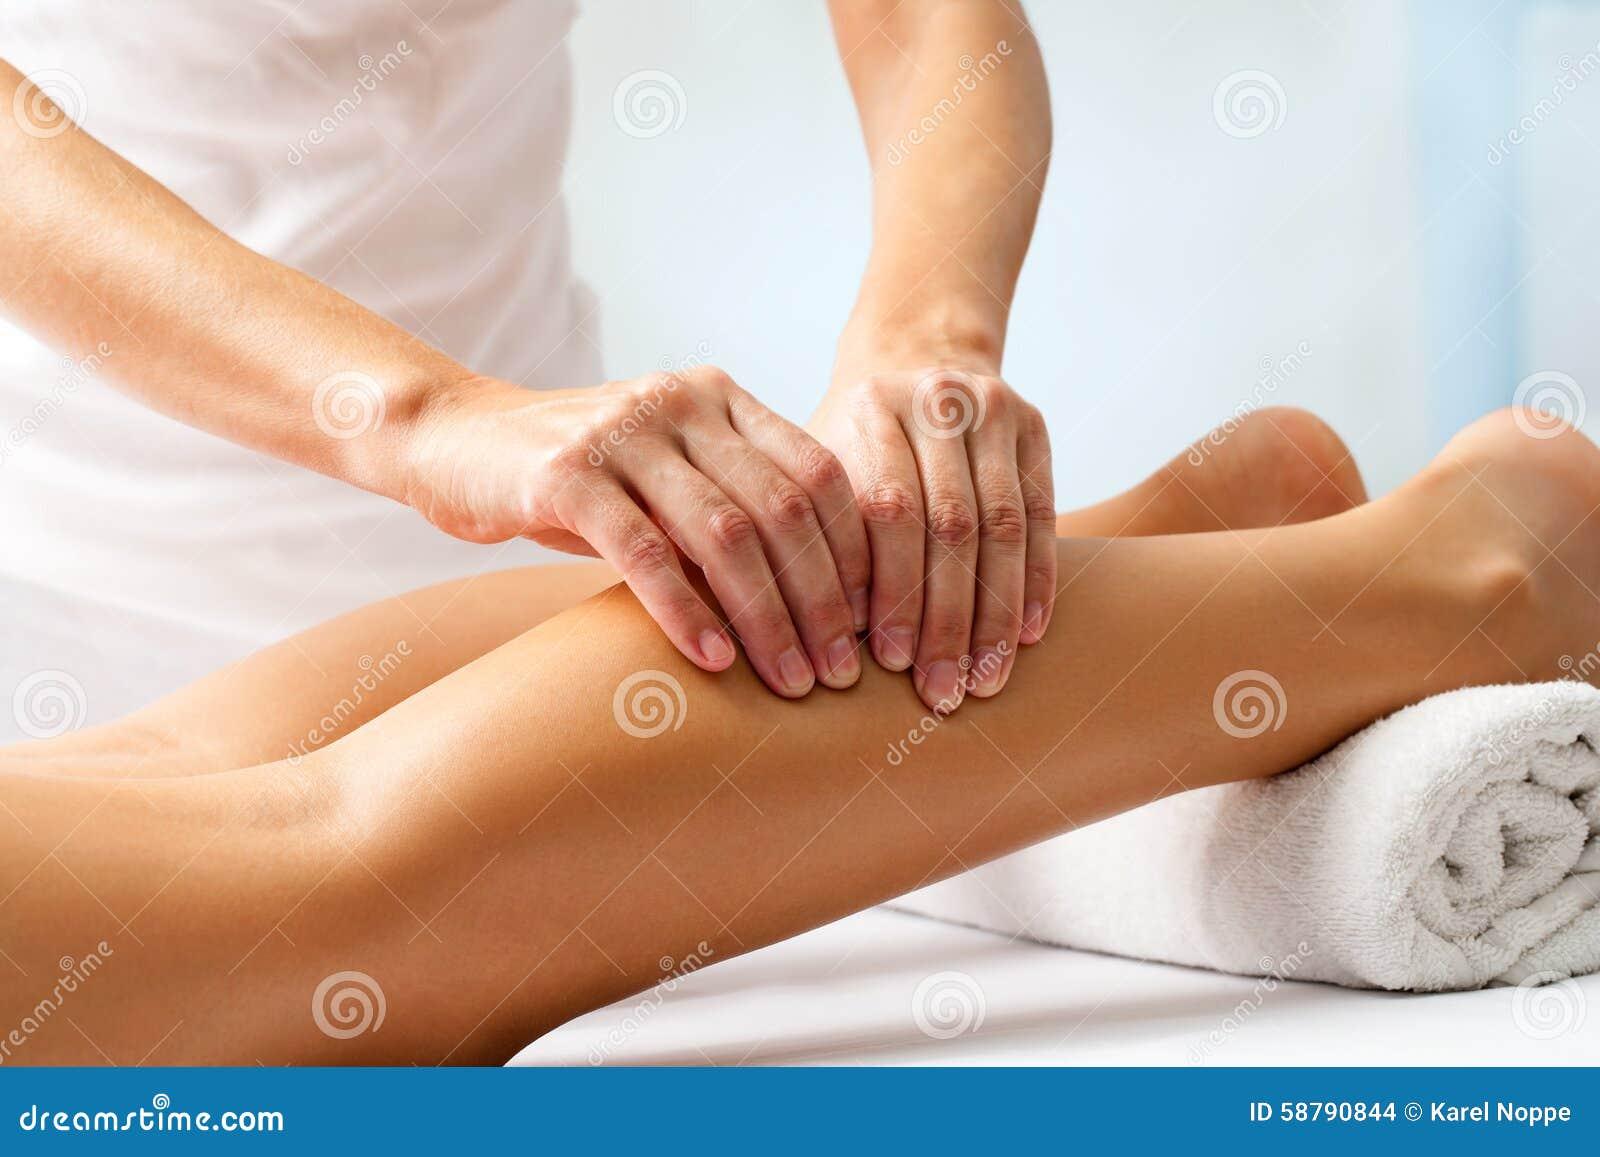 Detail Von Händen Menschlichen Wadenmuskel Massierend Stockfoto ...